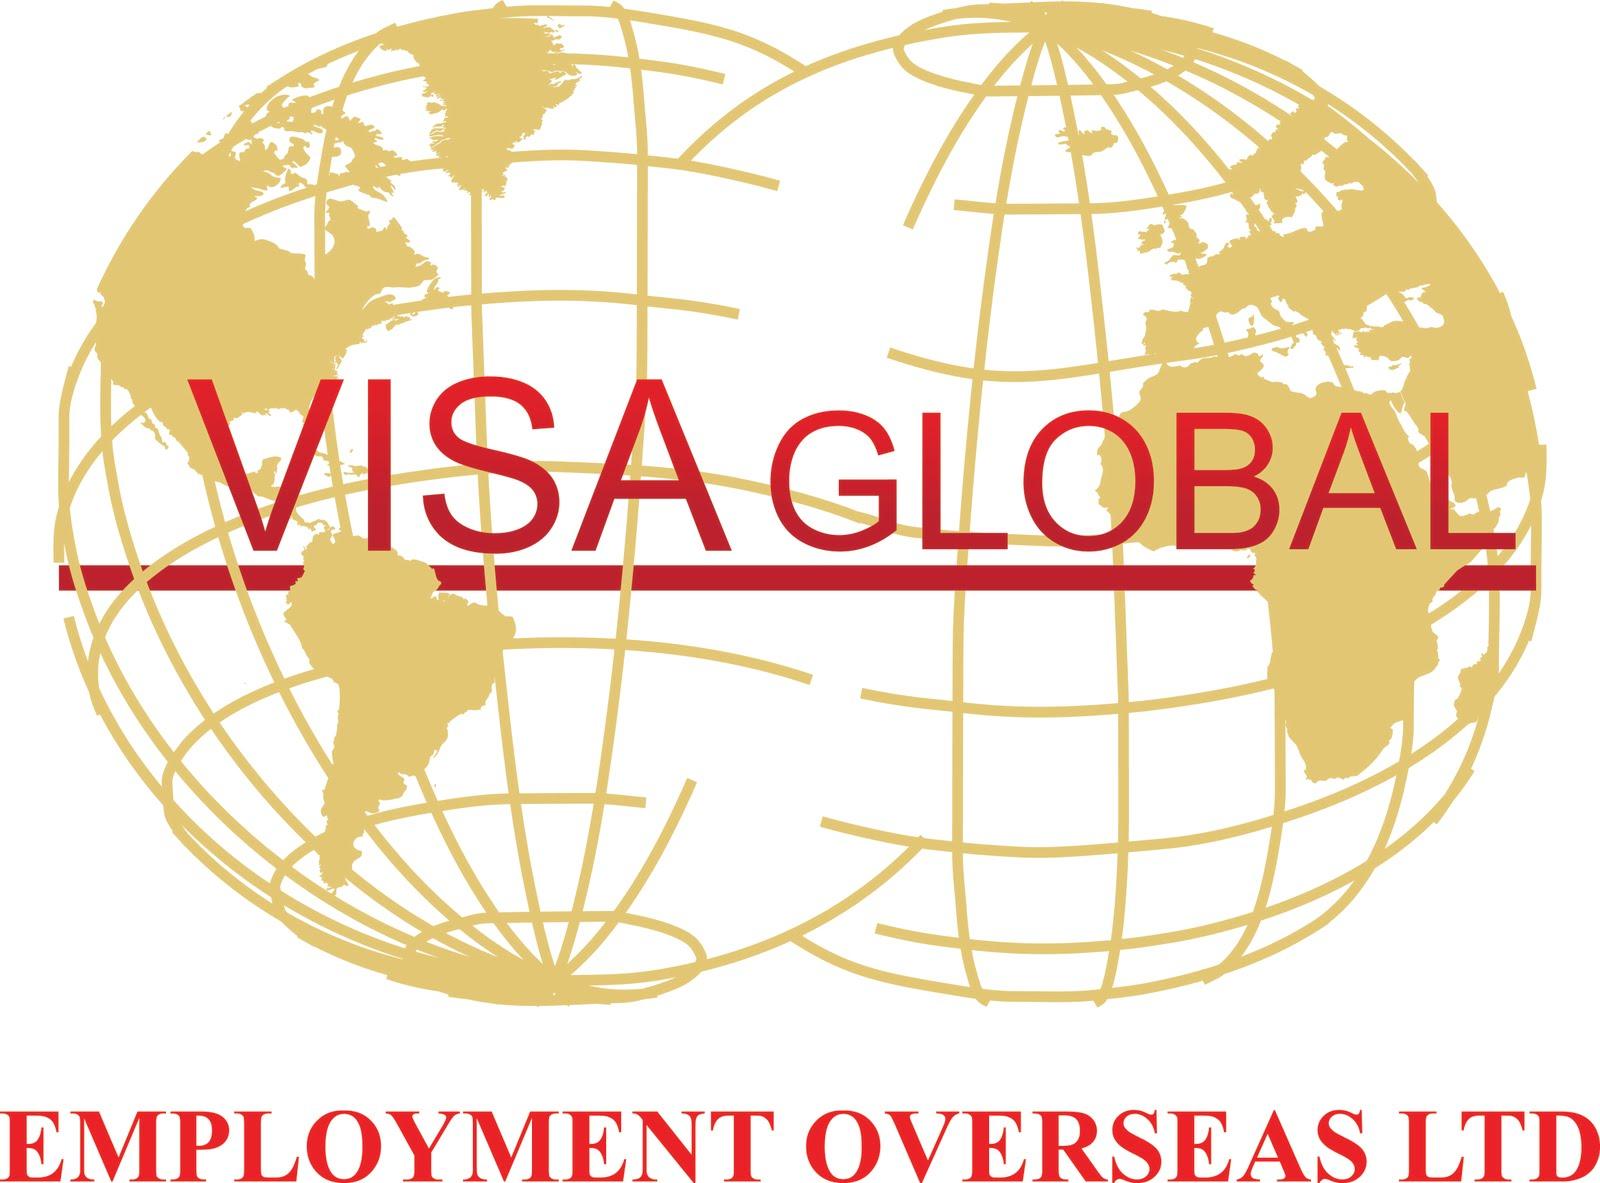 Thu tuc xin cap visa Viet Nam cho nguoi Han Quoc trong giai doan phong chong dich Corona Covid-19